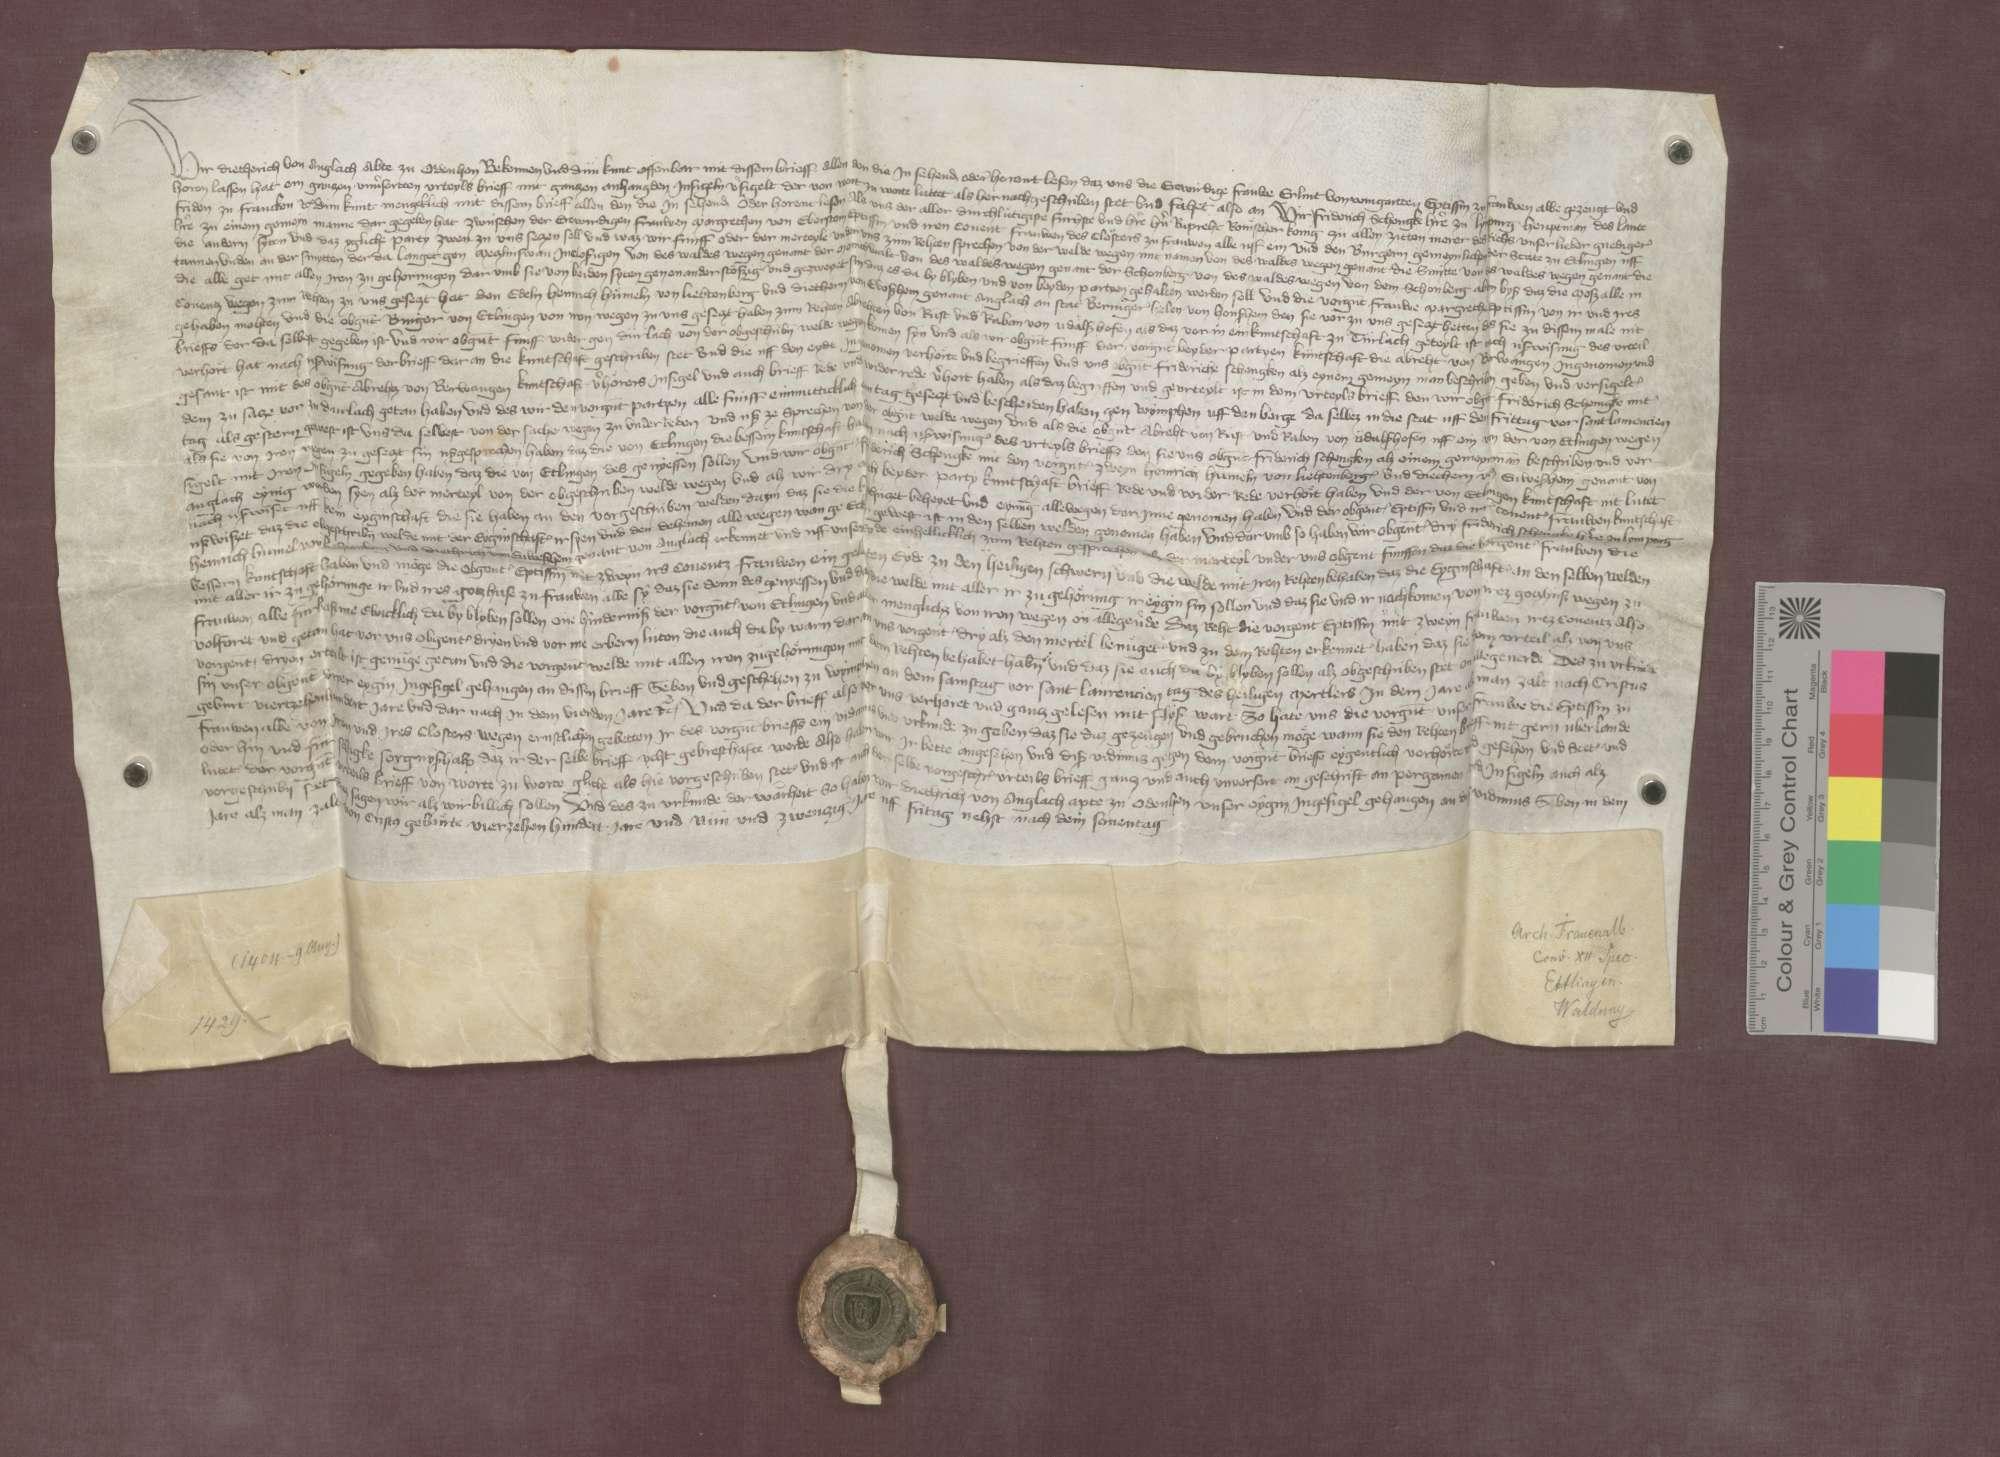 Dietrich von Angelloch, Abt zu Odenheim, vidimiert auf Bitten der Frauenalber Äbtissin Erlind von Weingarten den Schiedsspruch vom 9. August 1404 (GLA 40 Nr. 240 und 241) betreffend die zwischen dem Kloster Frauenalb und der Stadt Ettlingen strittig gewesenen Waldungen., Bild 3